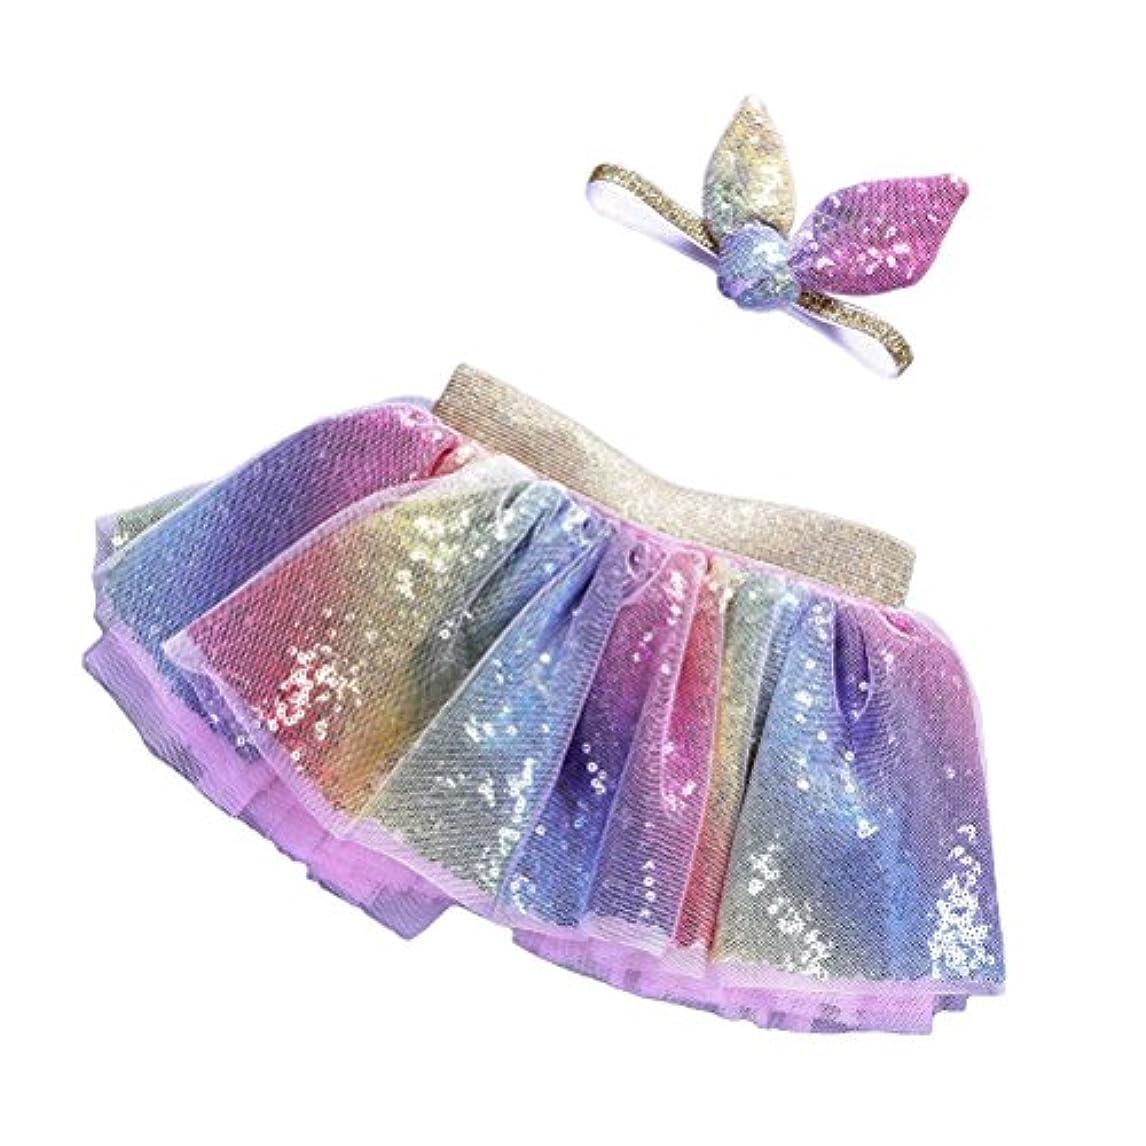 ポータブルリー体操選手LUOEM 2PCSレインボーツツースカート(ヘッドバンド付き)プリンセスガールツツーの服装ベビーガールズ誕生日の服セットサイズM(2?5歳)